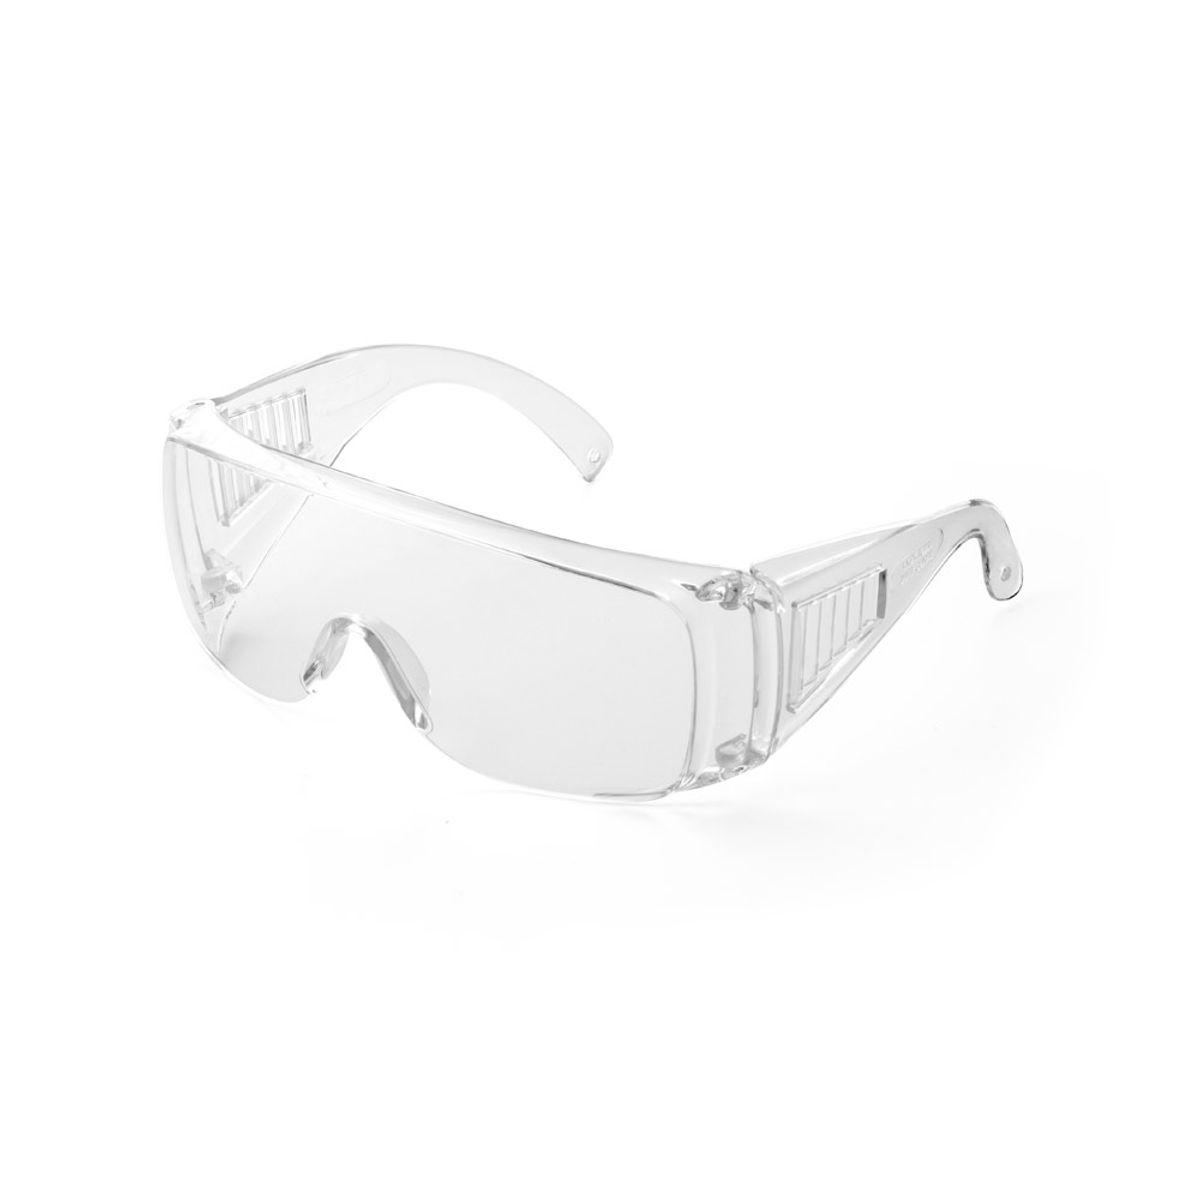 Προστατευτικά γυαλιά